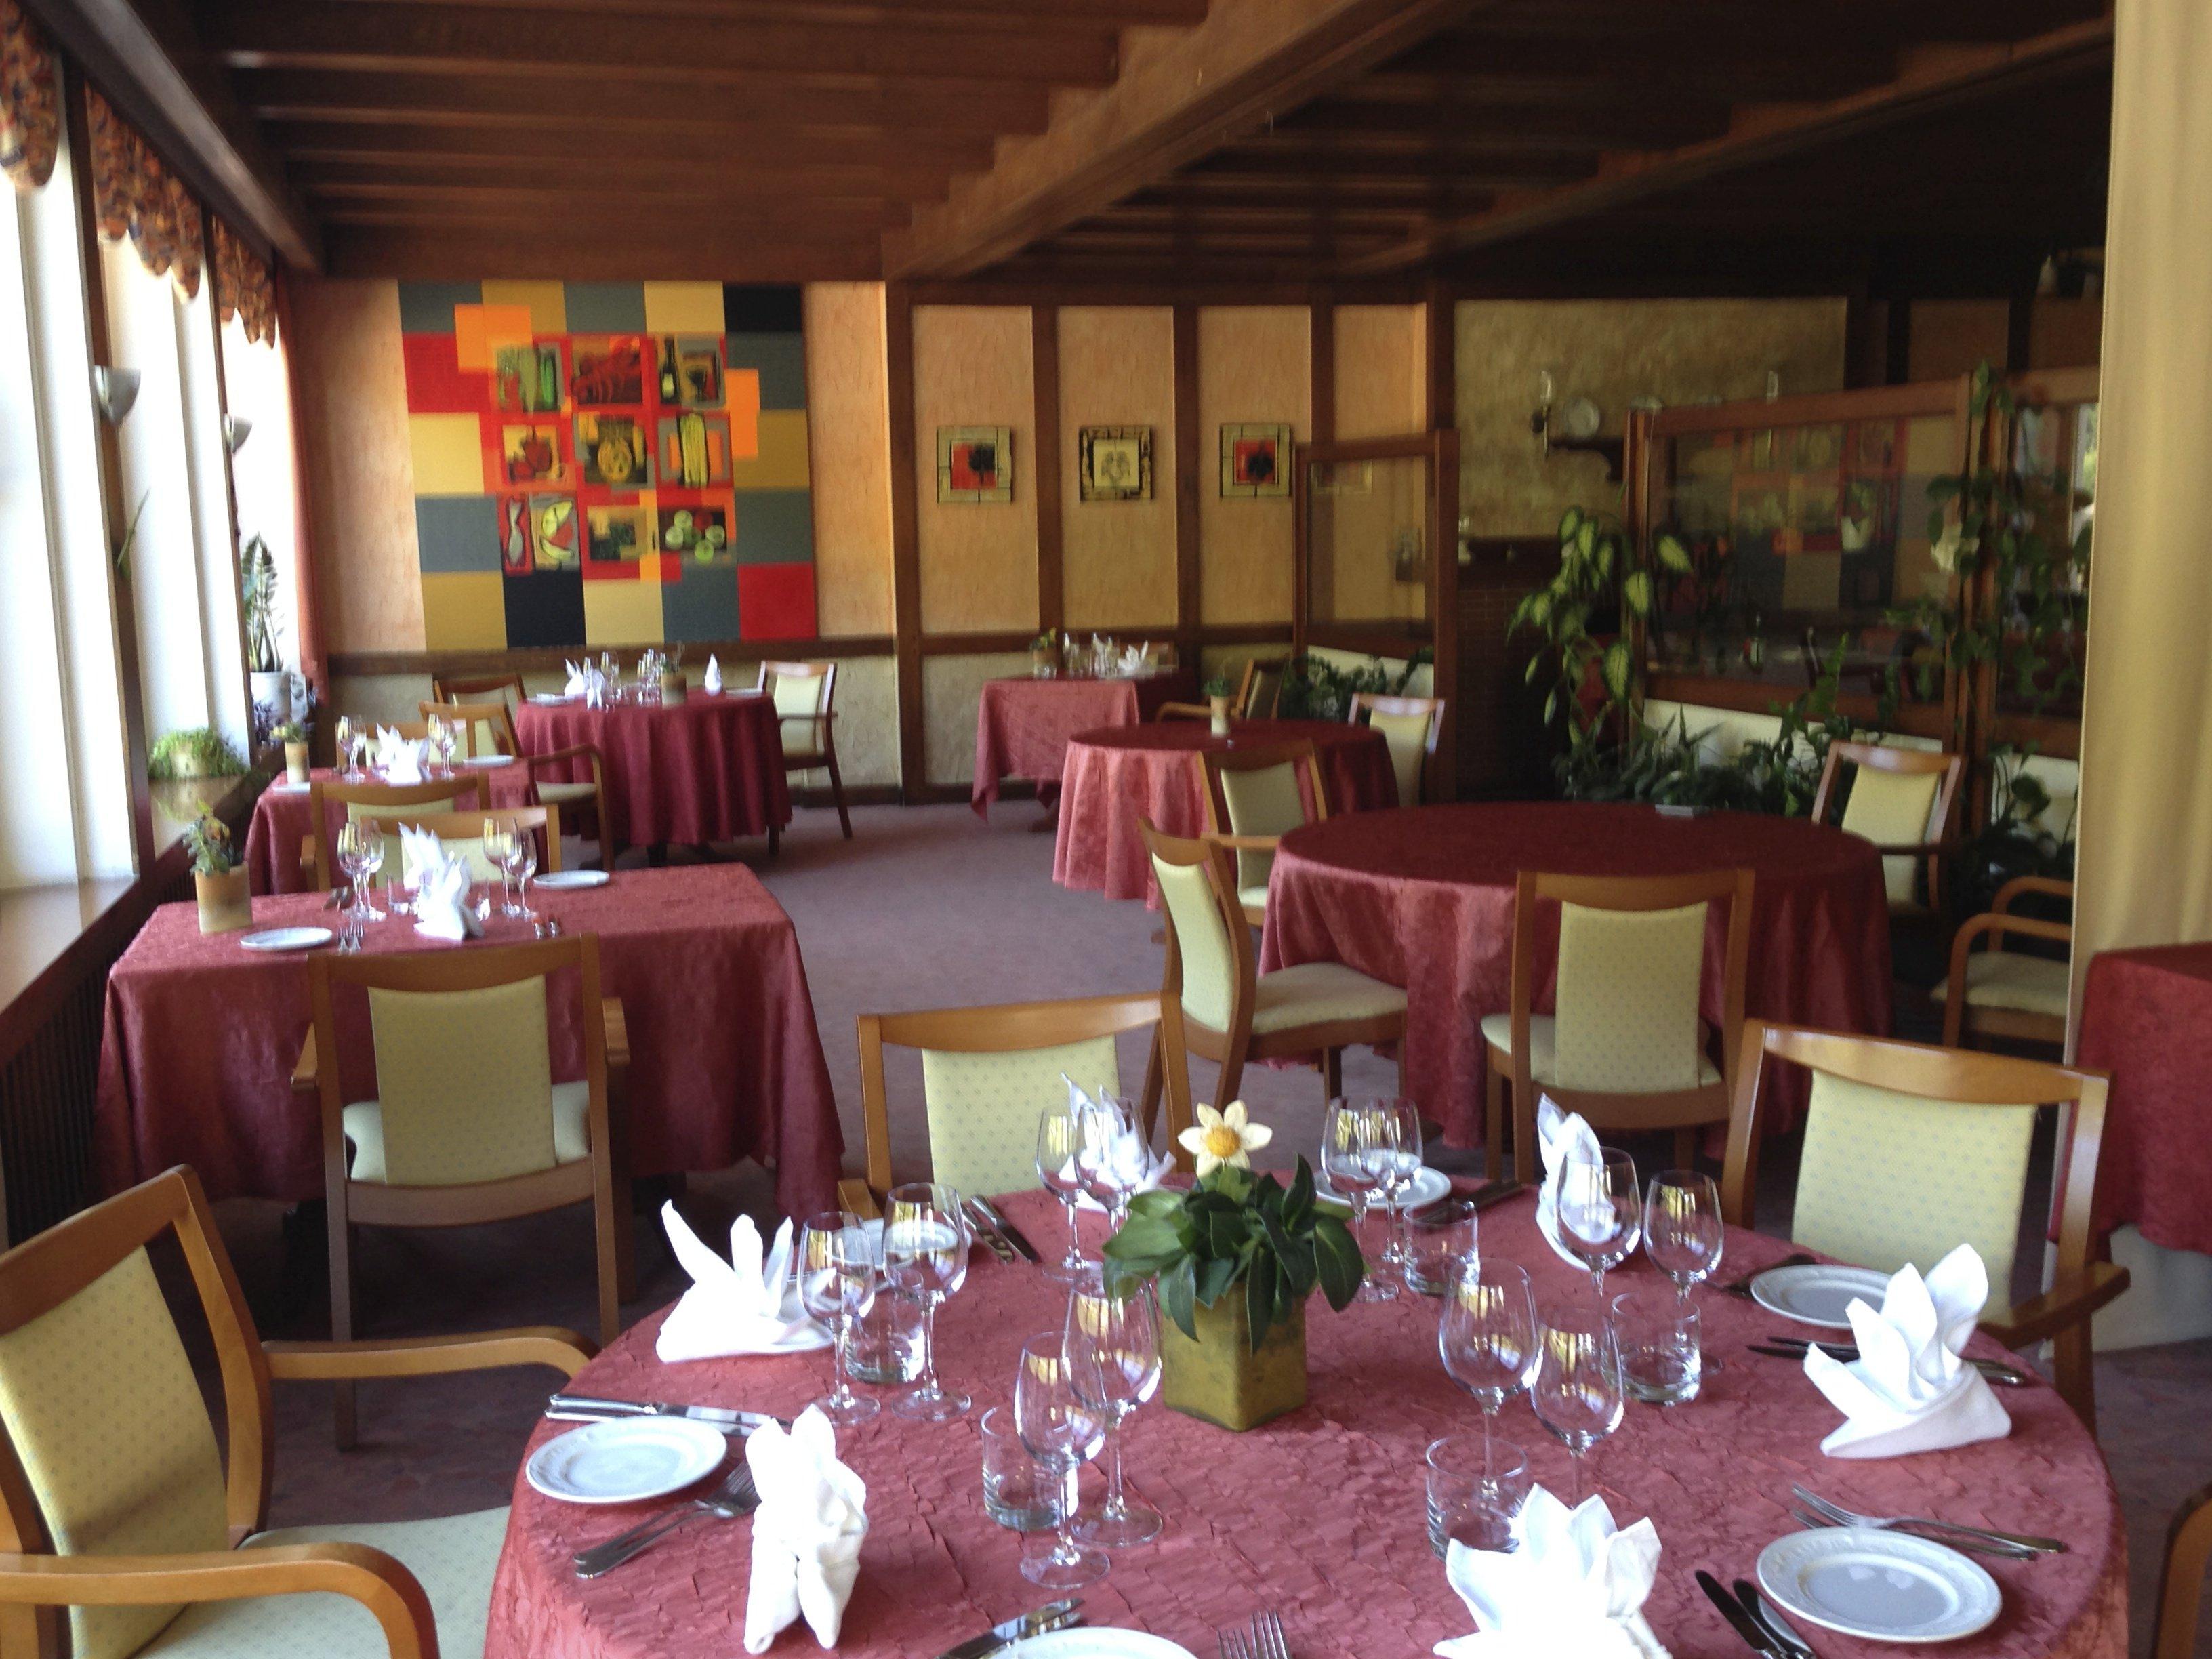 Chalet de la moselle restaurant fran aise machtum 6841 for Yankey cuisine africaine a volonte